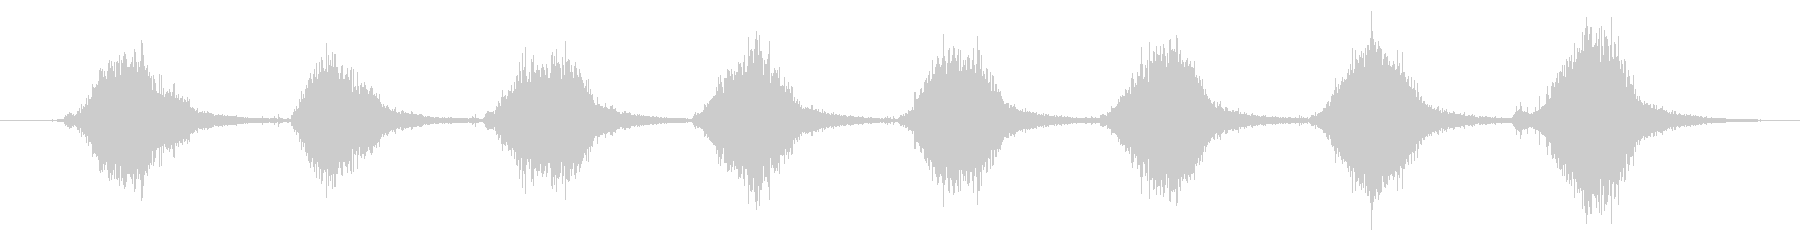 ハードストローまたはコーンブルーム...の未再生の波形